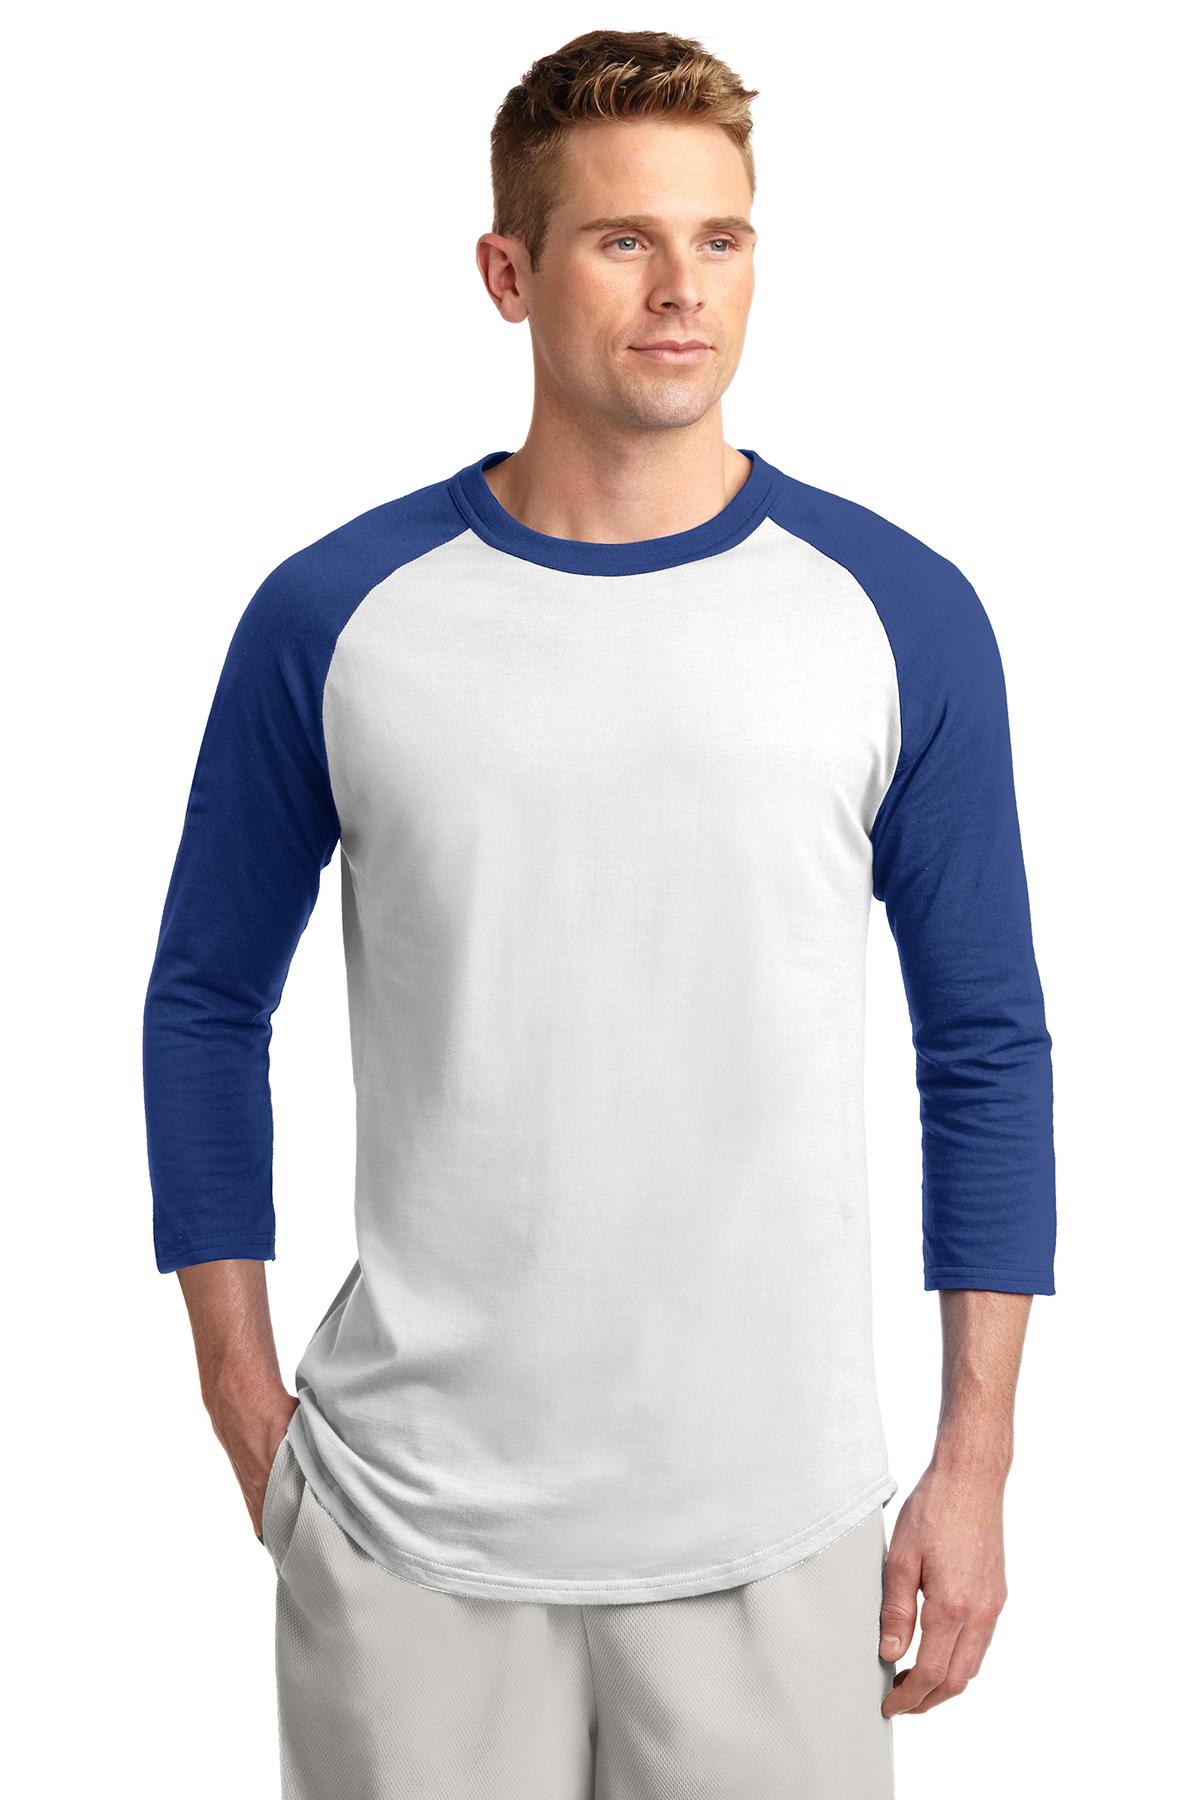 71dd39630 Sport-Tek® Colorblock Raglan Jersey | 100% Cotton | T-Shirts | SanMar